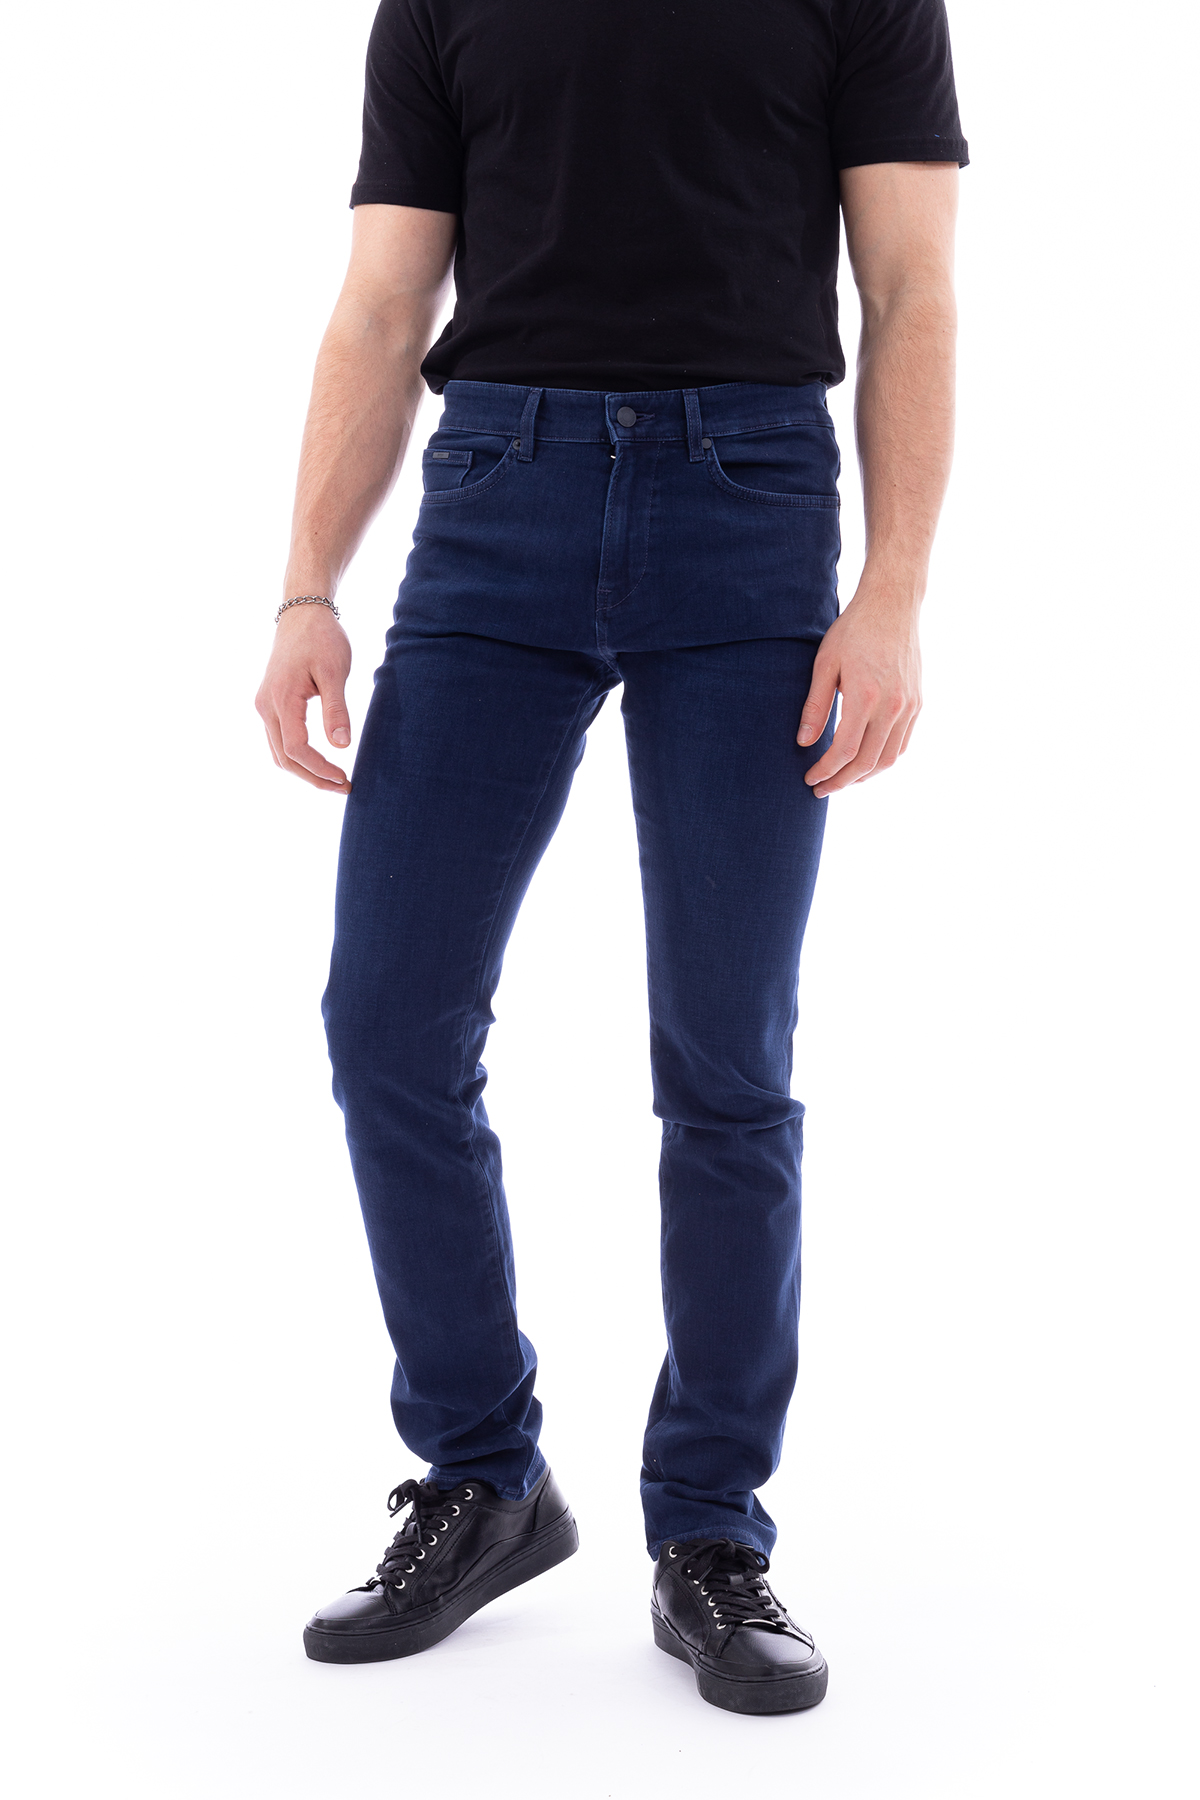 Hugo Boss Erkek Jeans